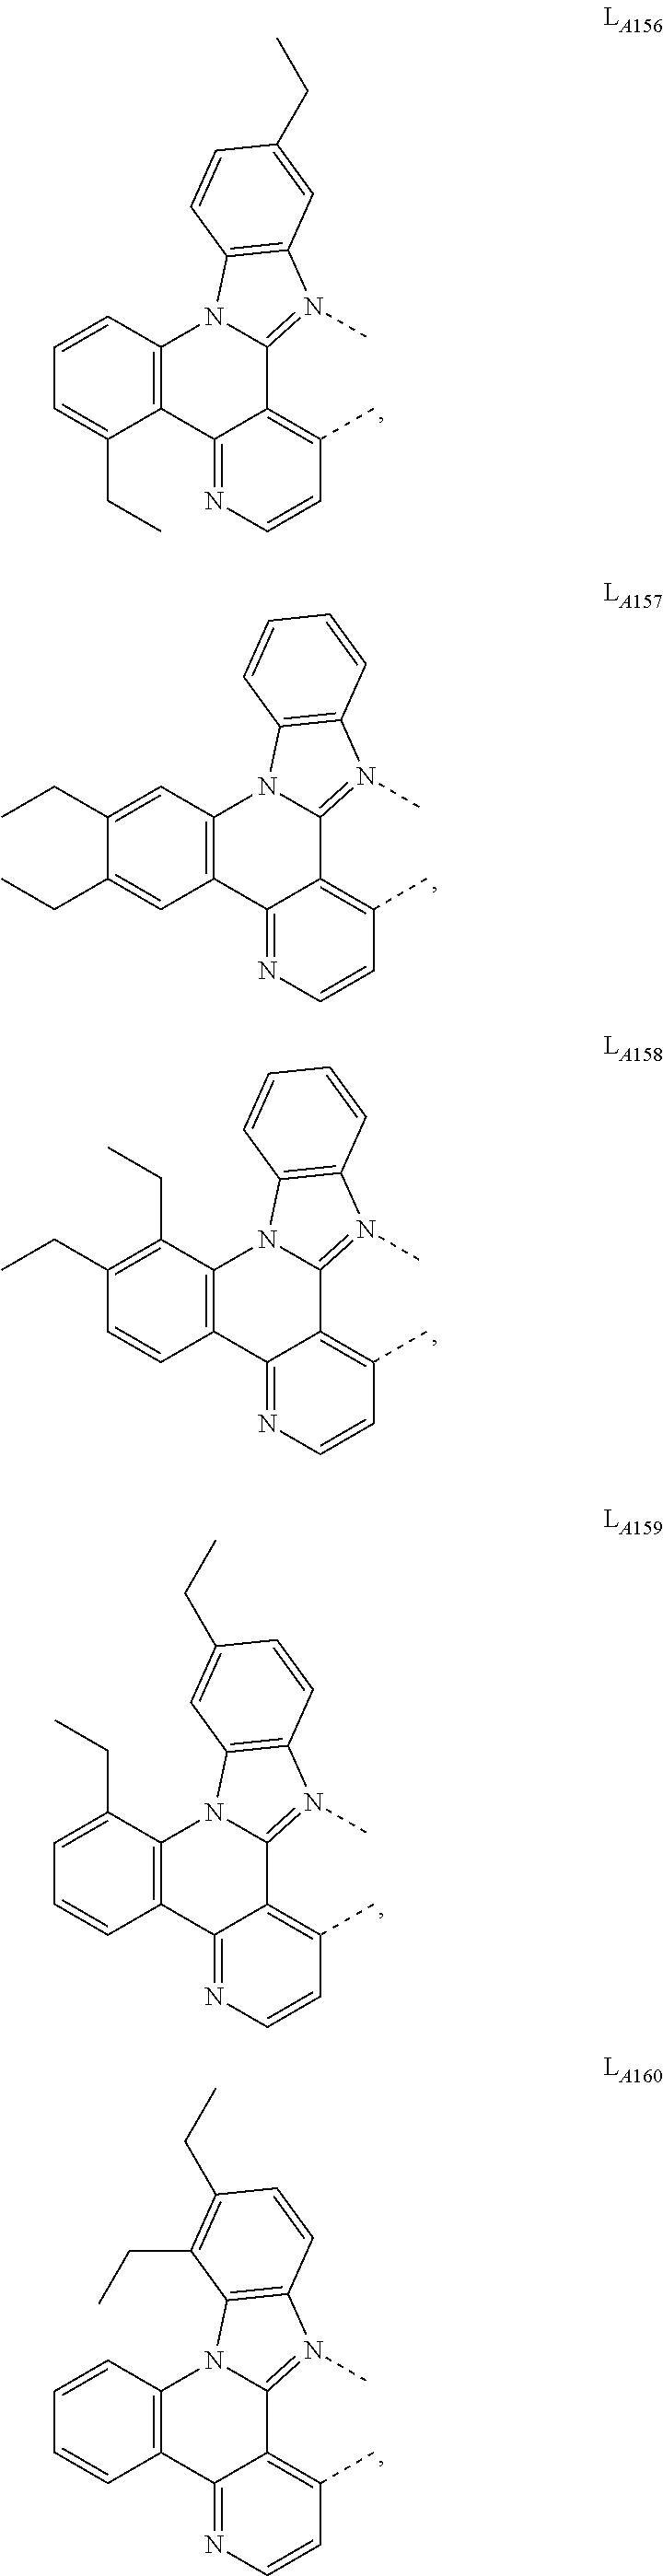 Figure US09905785-20180227-C00458